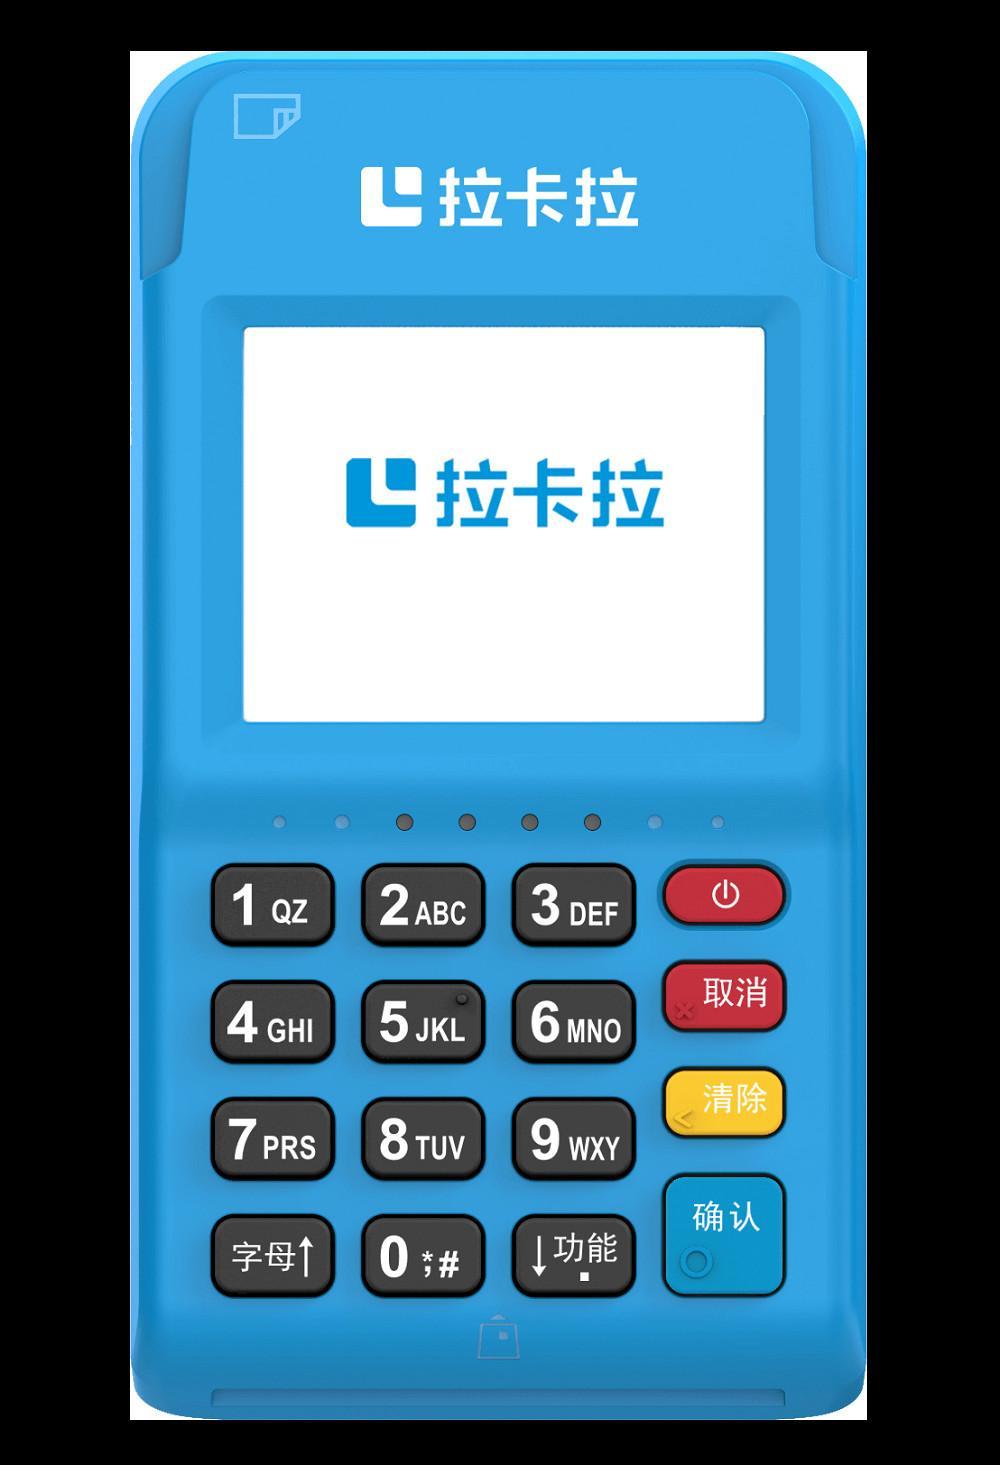 拉卡拉:选择拉卡拉POS机取决于用户的习惯